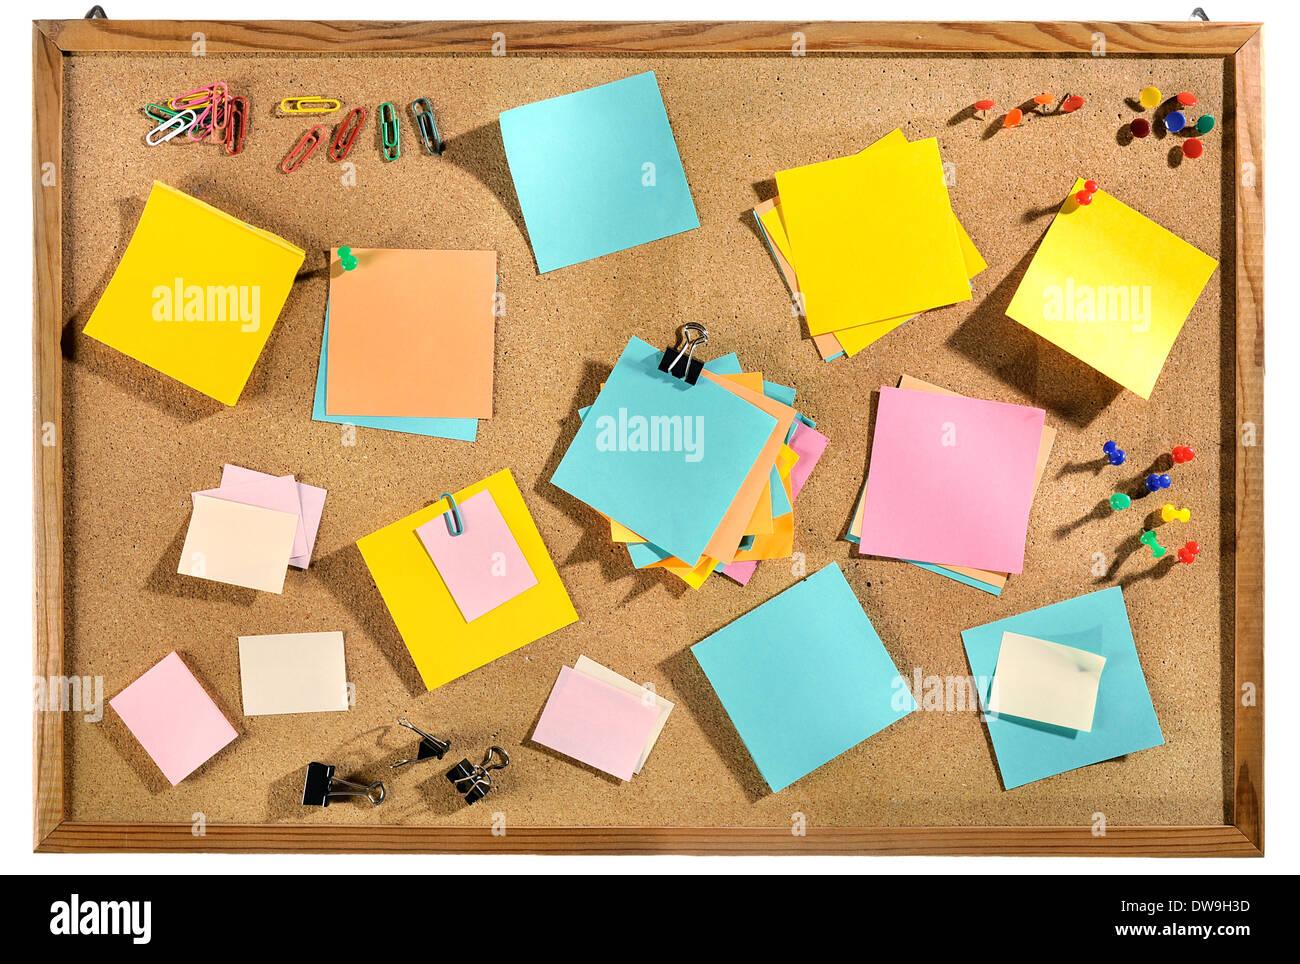 Bacheche Per Ufficio : Colorate in bianco di post it e forniture per ufficio sul sughero